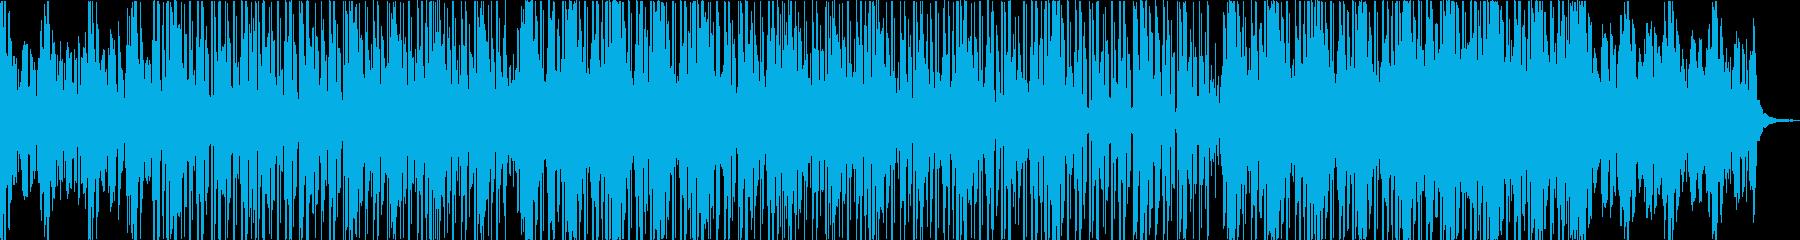 ダブ的なチルアウトミュージック。の再生済みの波形